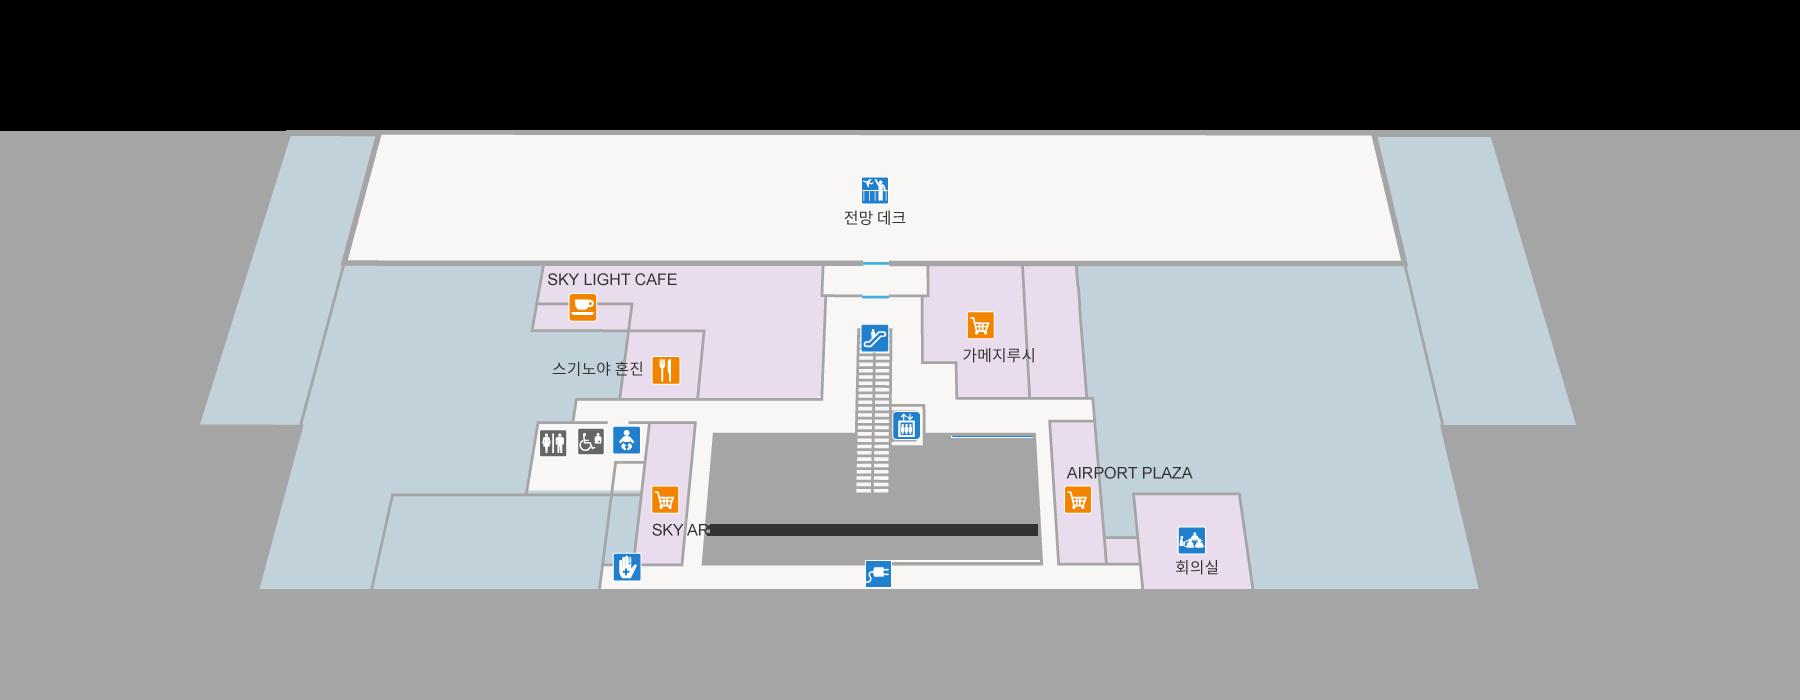 ターミナルビル2F(韓国語)